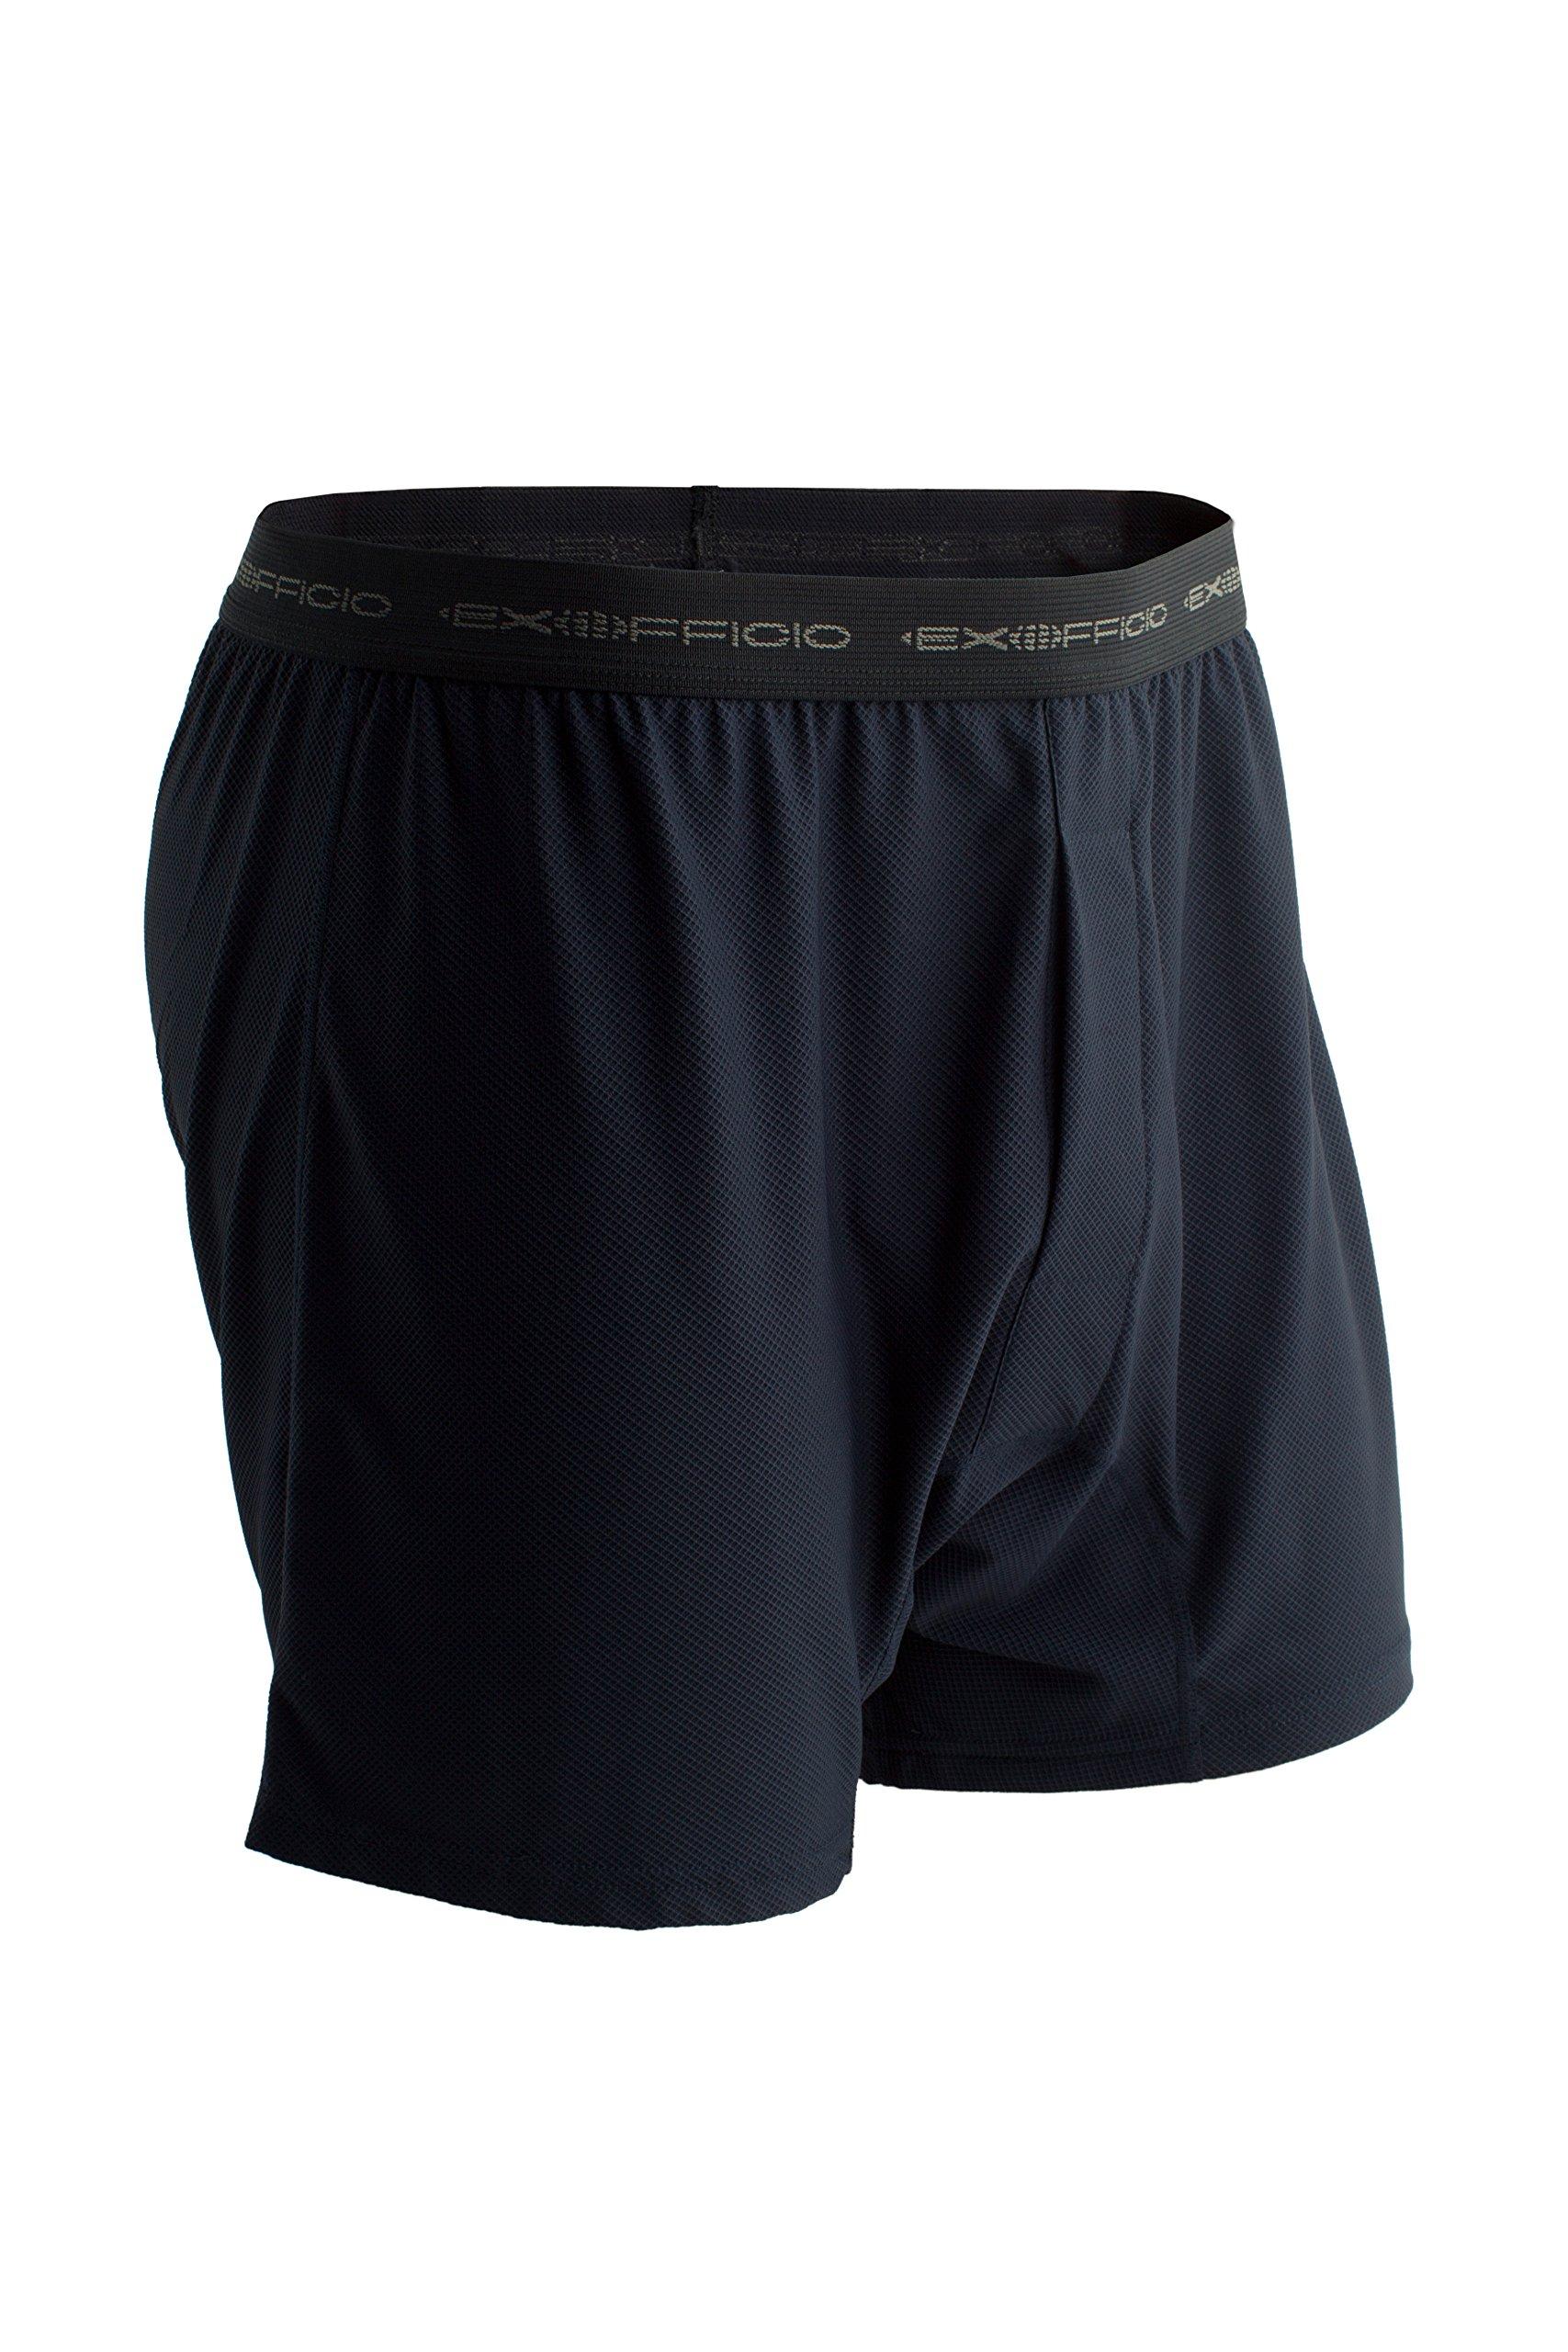 EXOFFICIO 男式 内裤 1241-2171